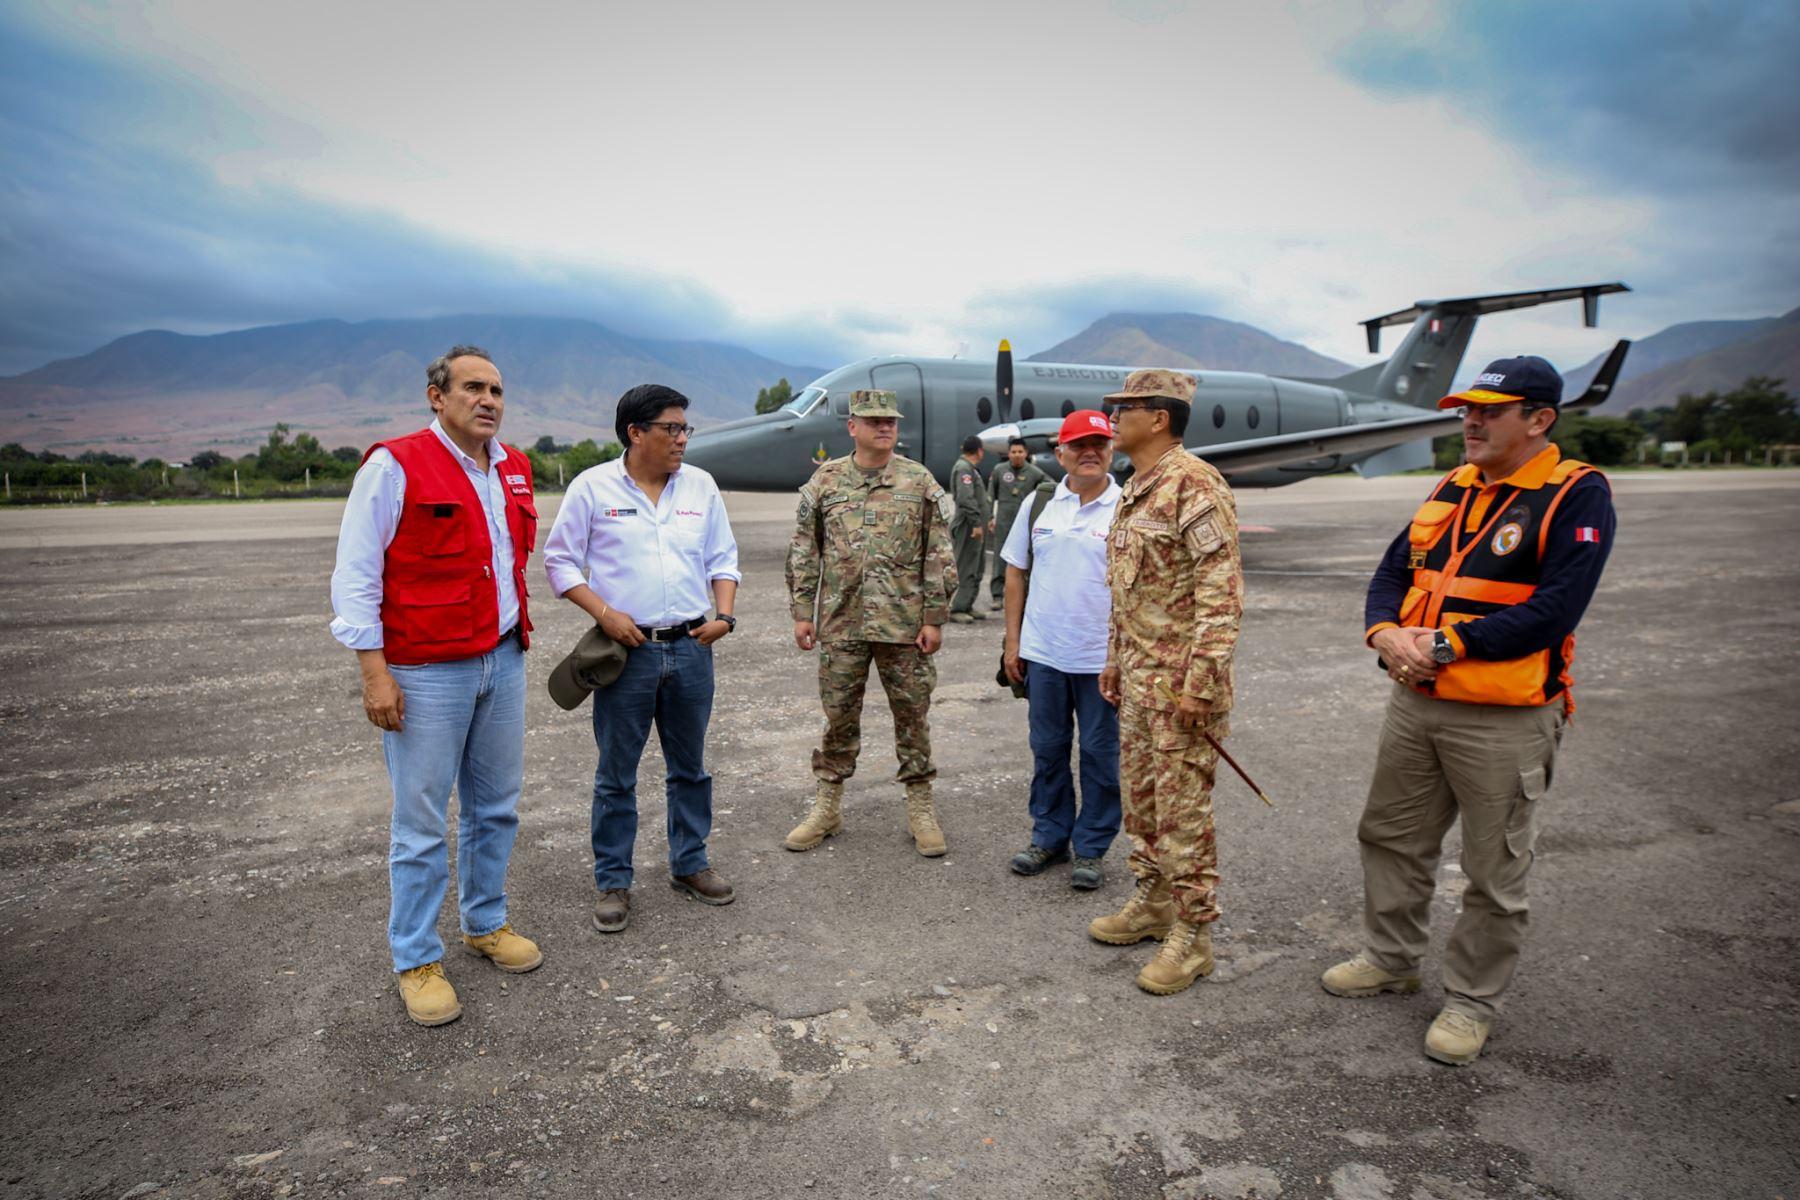 El jefe del Gabinete, Vicente Zeballos monitorea la ayuda a los damnificados por el huaico en Tacna. Señaló que se han instalado 50 carpas provisionales con capacidad para 4 personas cada una, y que se instalarán módulos de vivienda en un lugar seguro. Foto: PCM